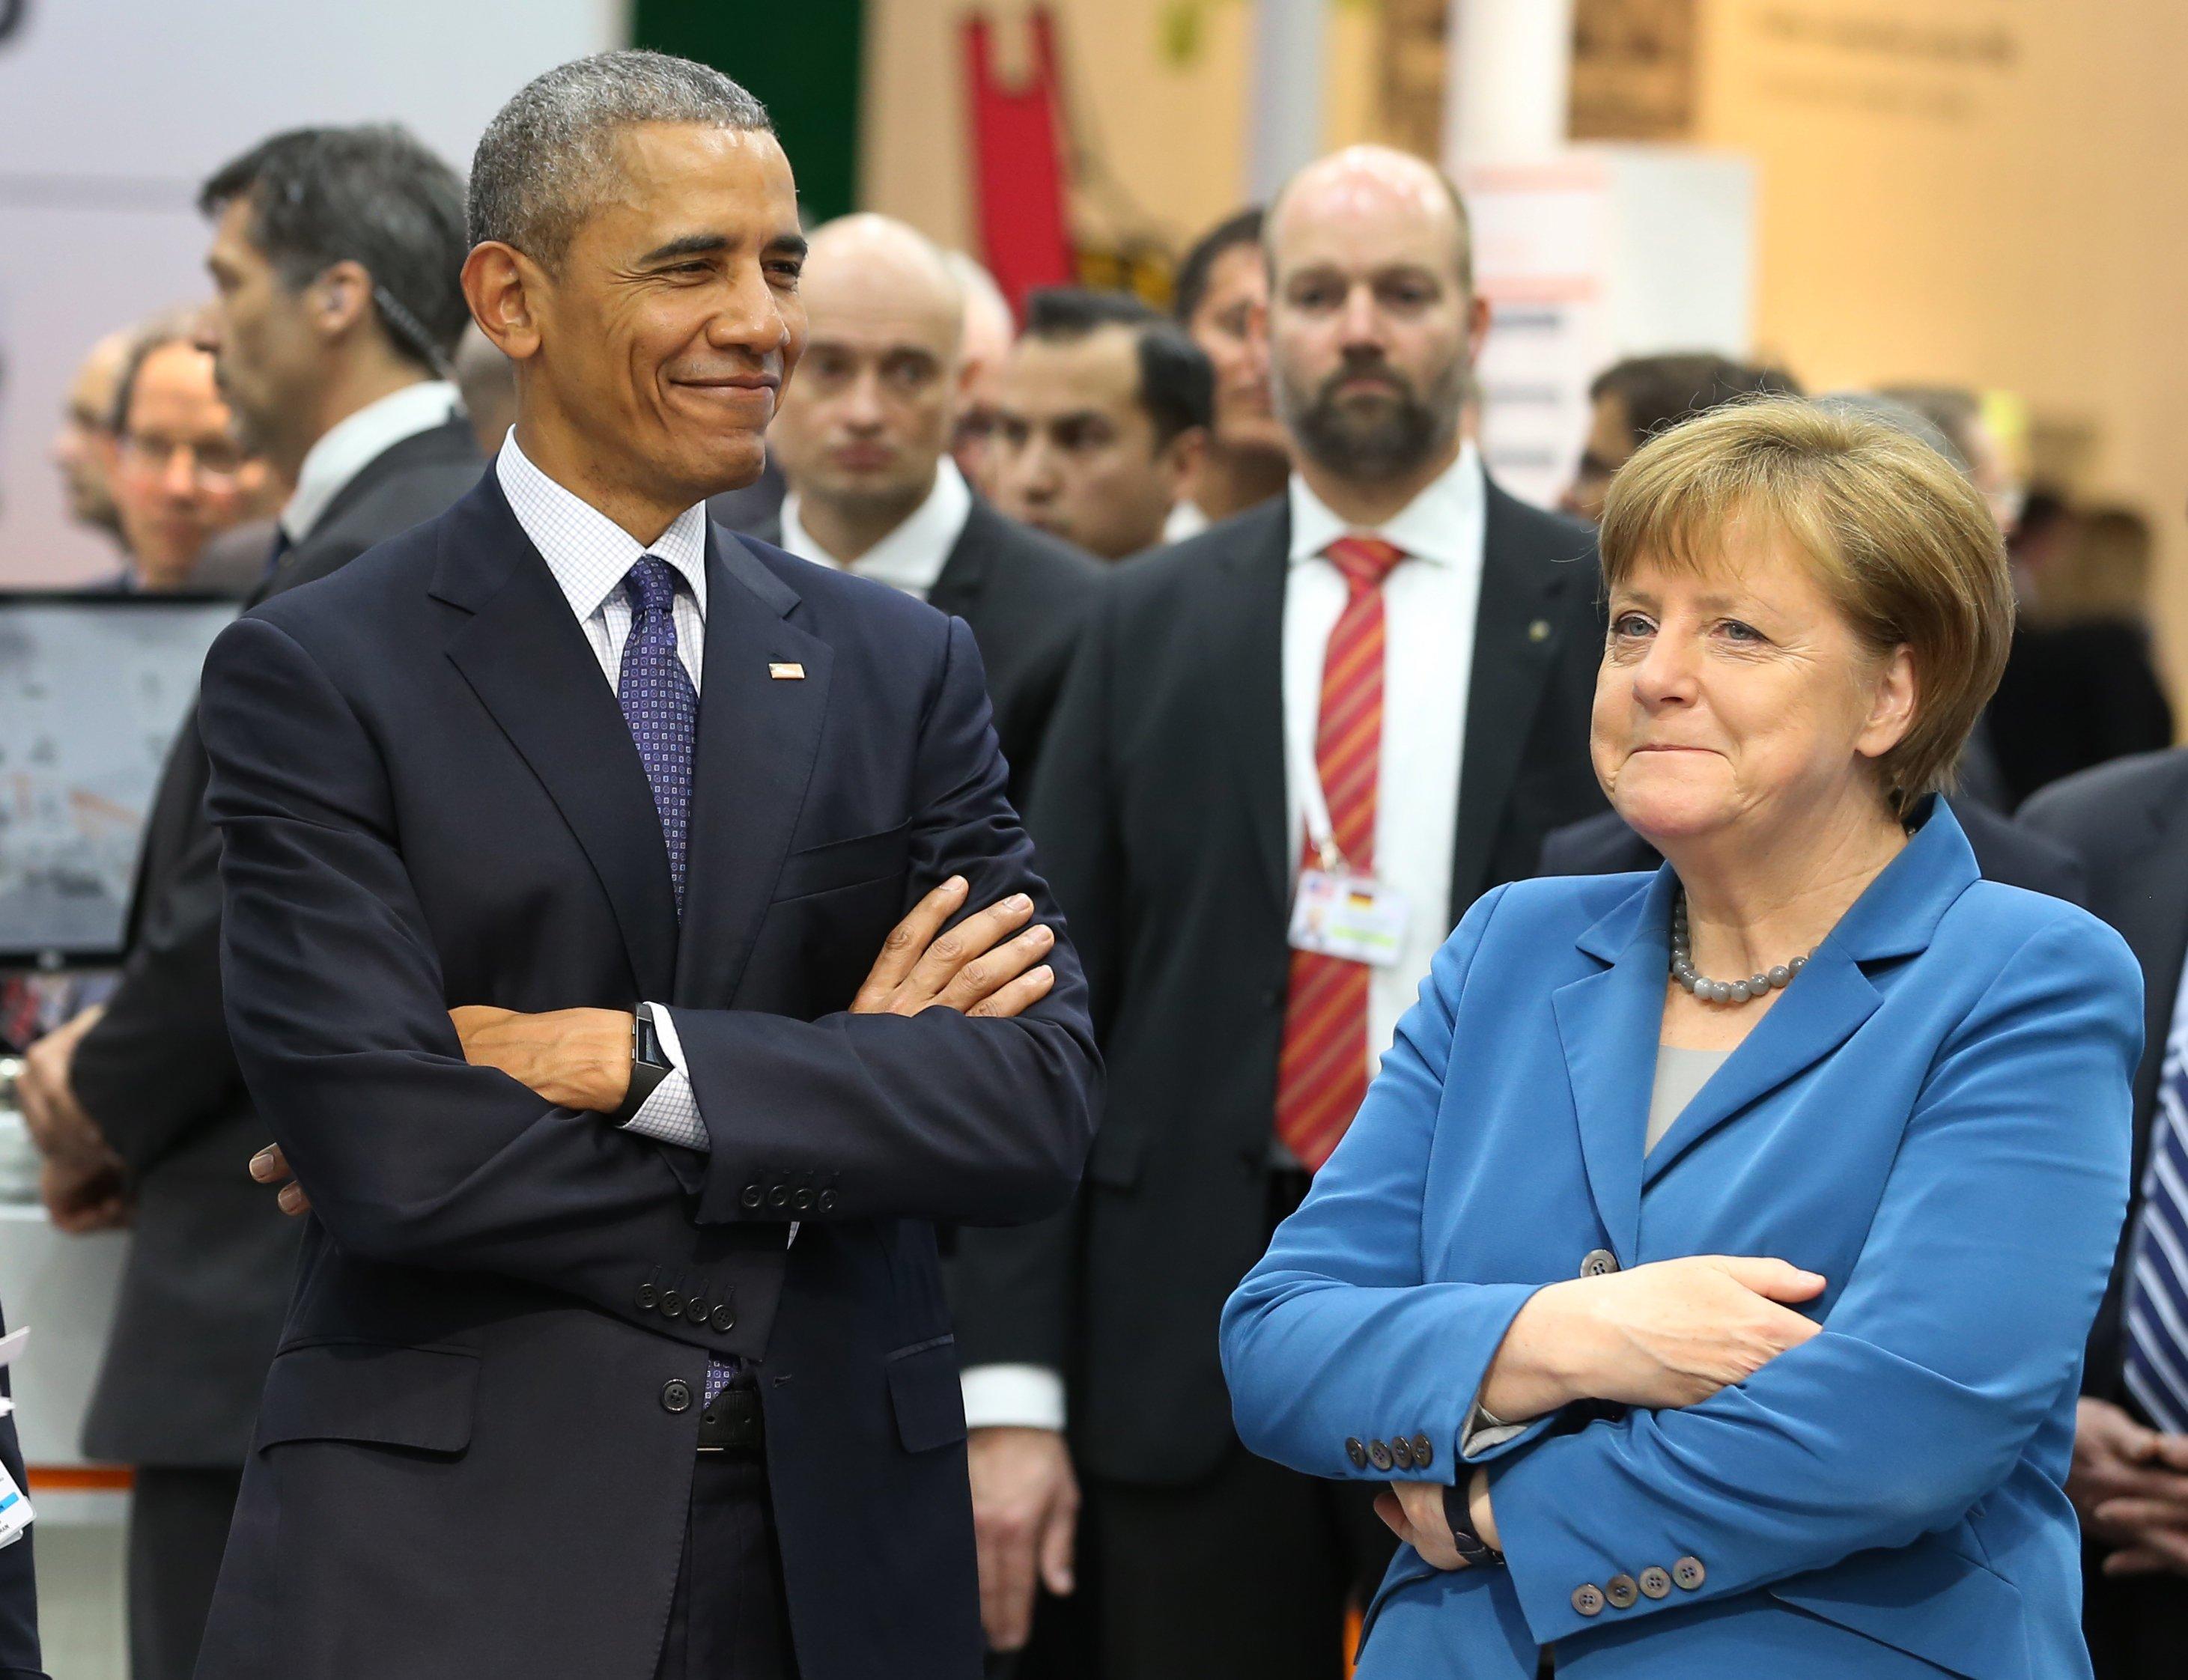 Sie verstehen sich gut und können sogar die gleichen Gesten: Bundeskanzlerin Angela Merkel und US-Präsident Barack Obama. Beide warben auf der Hannover Messe für das Freihandelsabkommen TTIP.